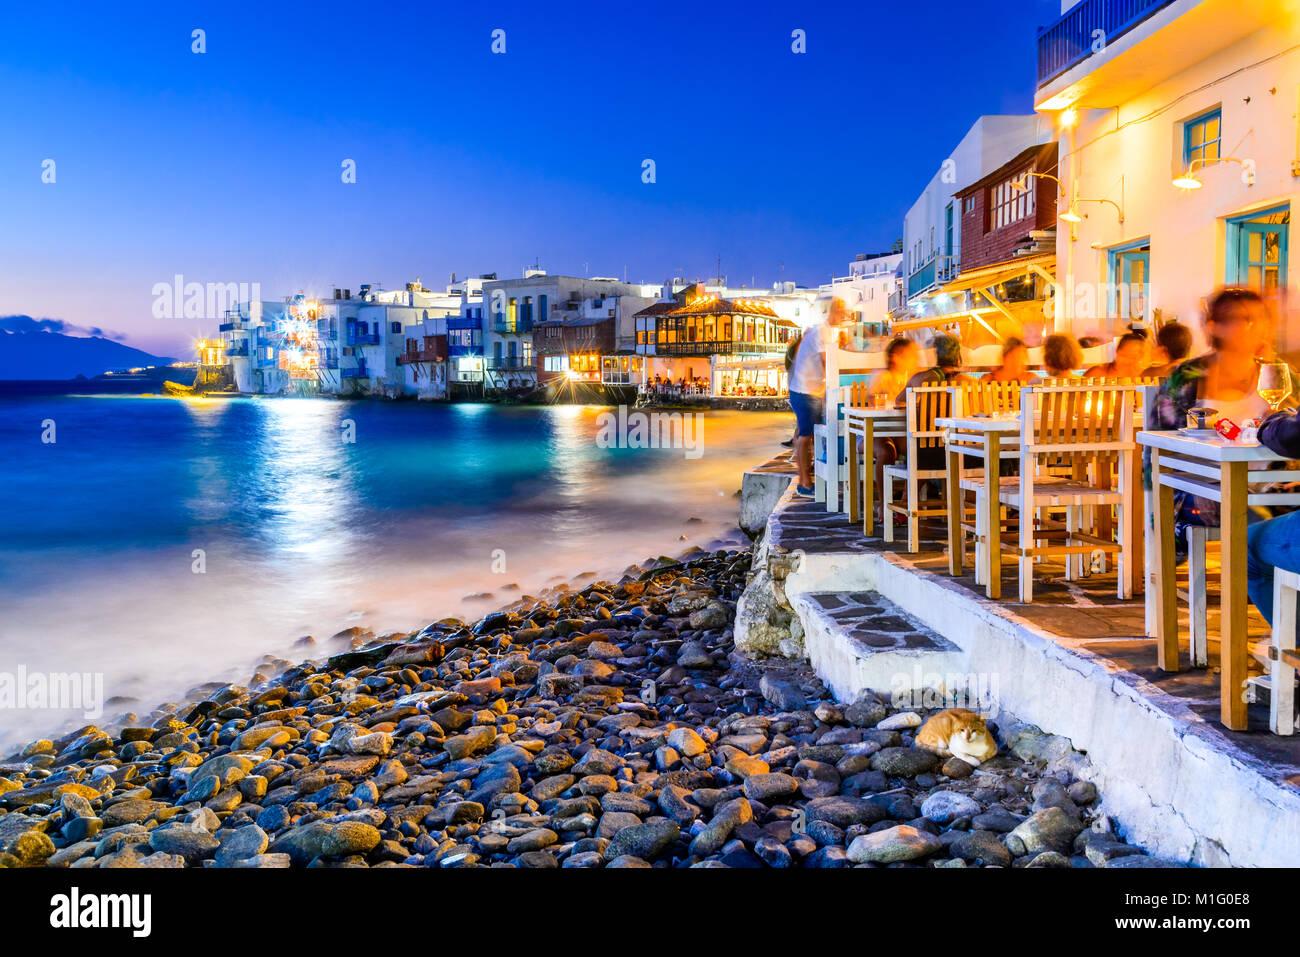 Mykonos, Grèce. Maisons au bord de la Petite Venise, considéré comme l'un des endroits les plus Photo Stock